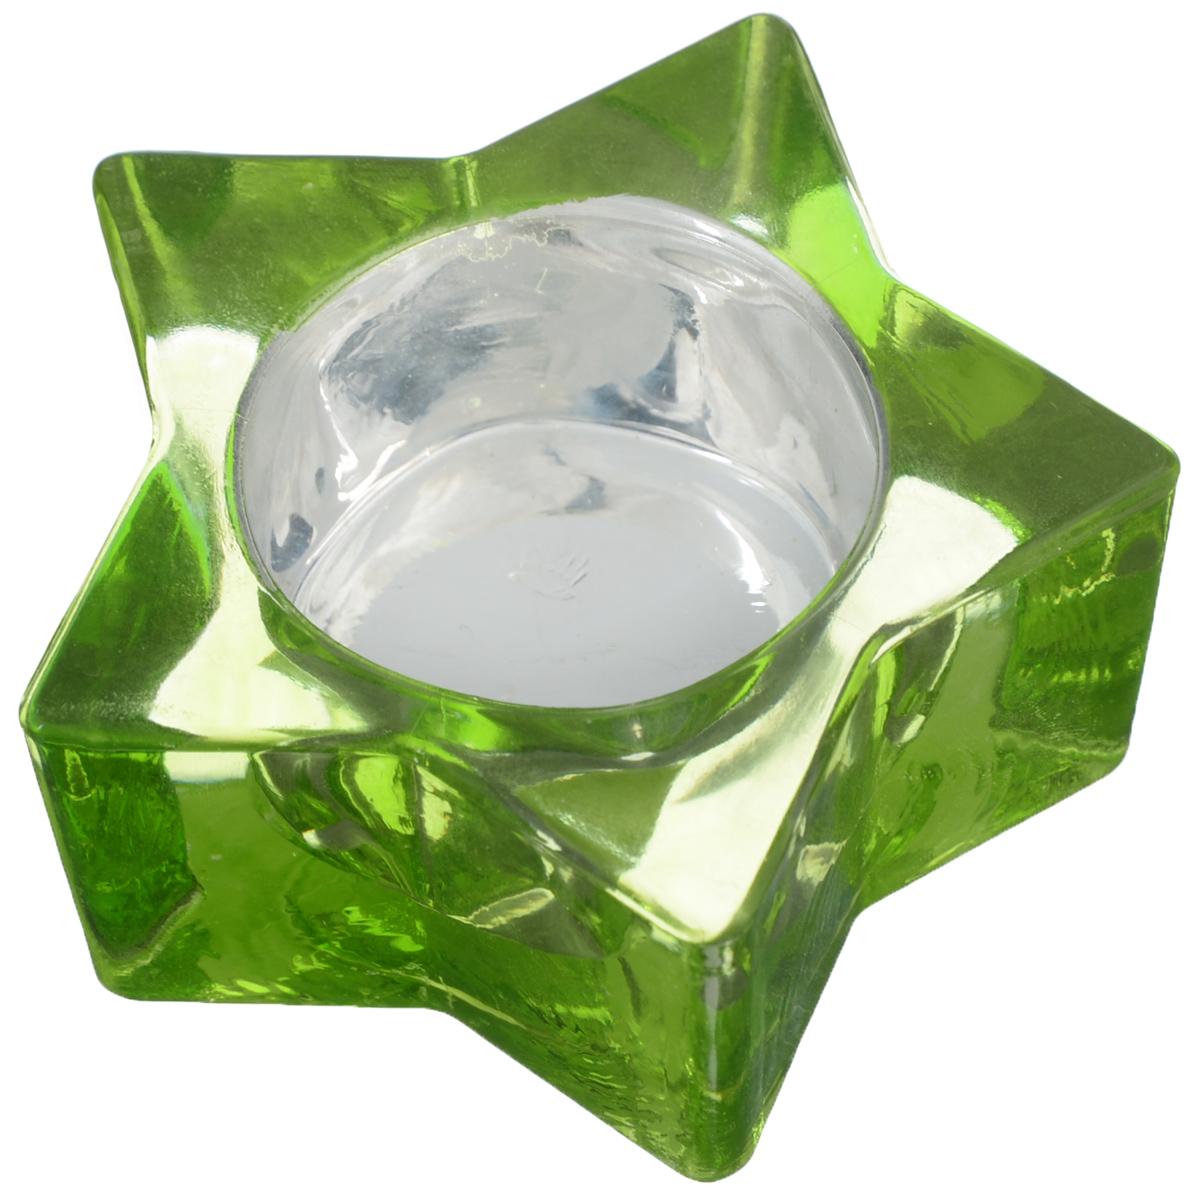 Подсвечник Loraine Звездочка, цвет: зеленый20239_зеленыйДекоративный подсвечник Loraine Звездочка изготовлен из цветного стекла и предназначен для одной свечи. Изделие имеет форму звезды. Благодаря оригинальному дизайну, такой подсвечник позволит украсить интерьер дома или рабочего кабинета оригинальным образом. Вы сможете не просто внести в интерьер своего дома элемент необычности, но и создать атмосферу загадочности.Размер подсвечника: 7,5 х 7,5 х 3,3 см.Диаметр отверстия для свечи: 4,2 см.